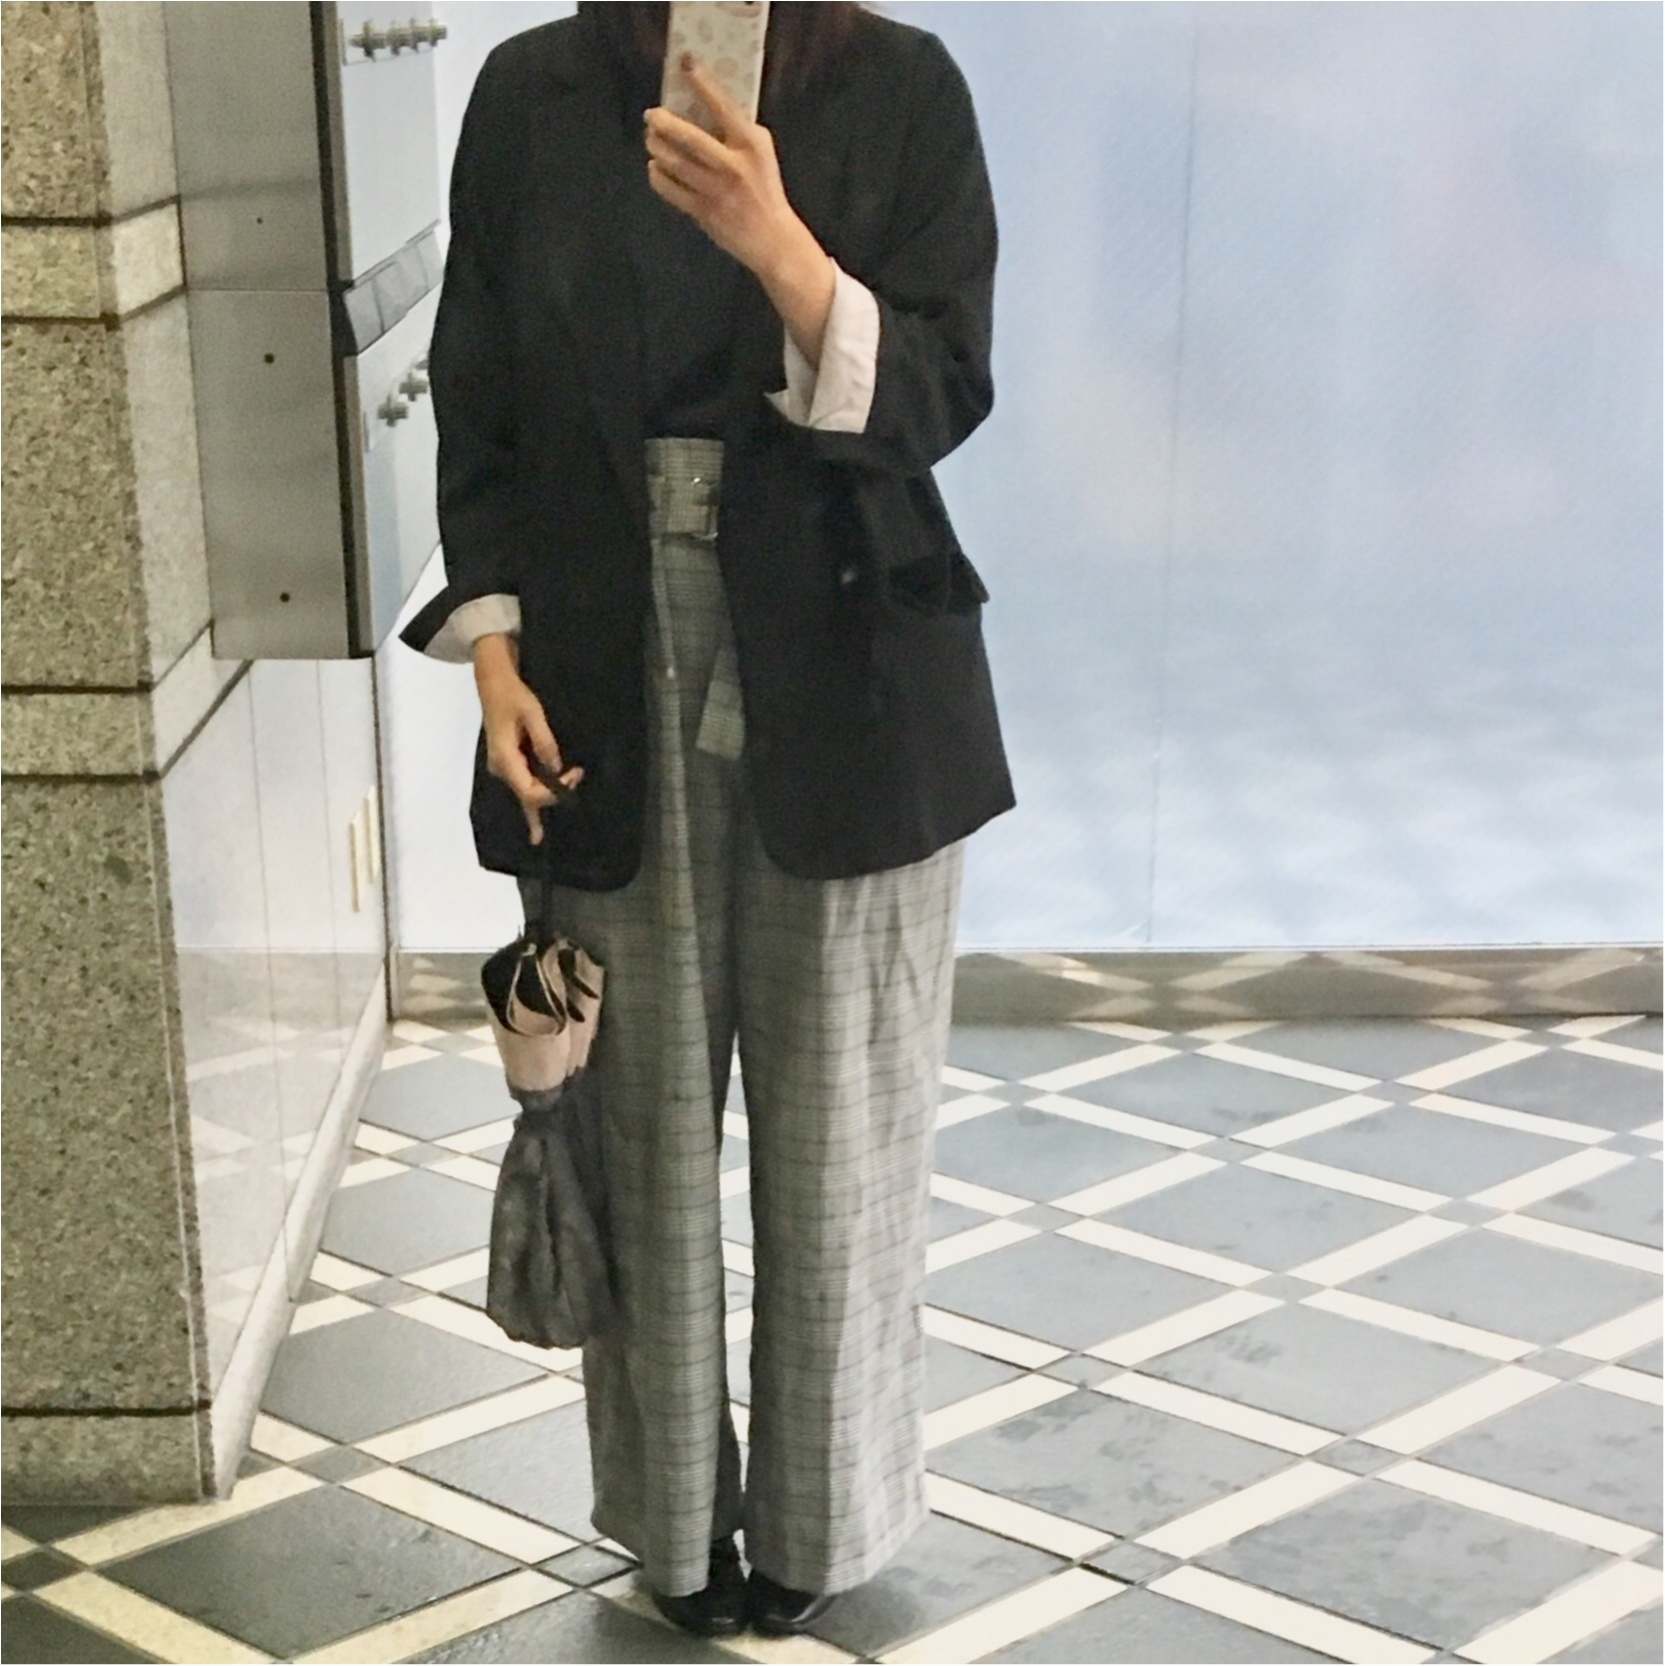 【今週のコーデまとめvol.35】ネイビーが着たい!甘めカジュアル派の7days_4